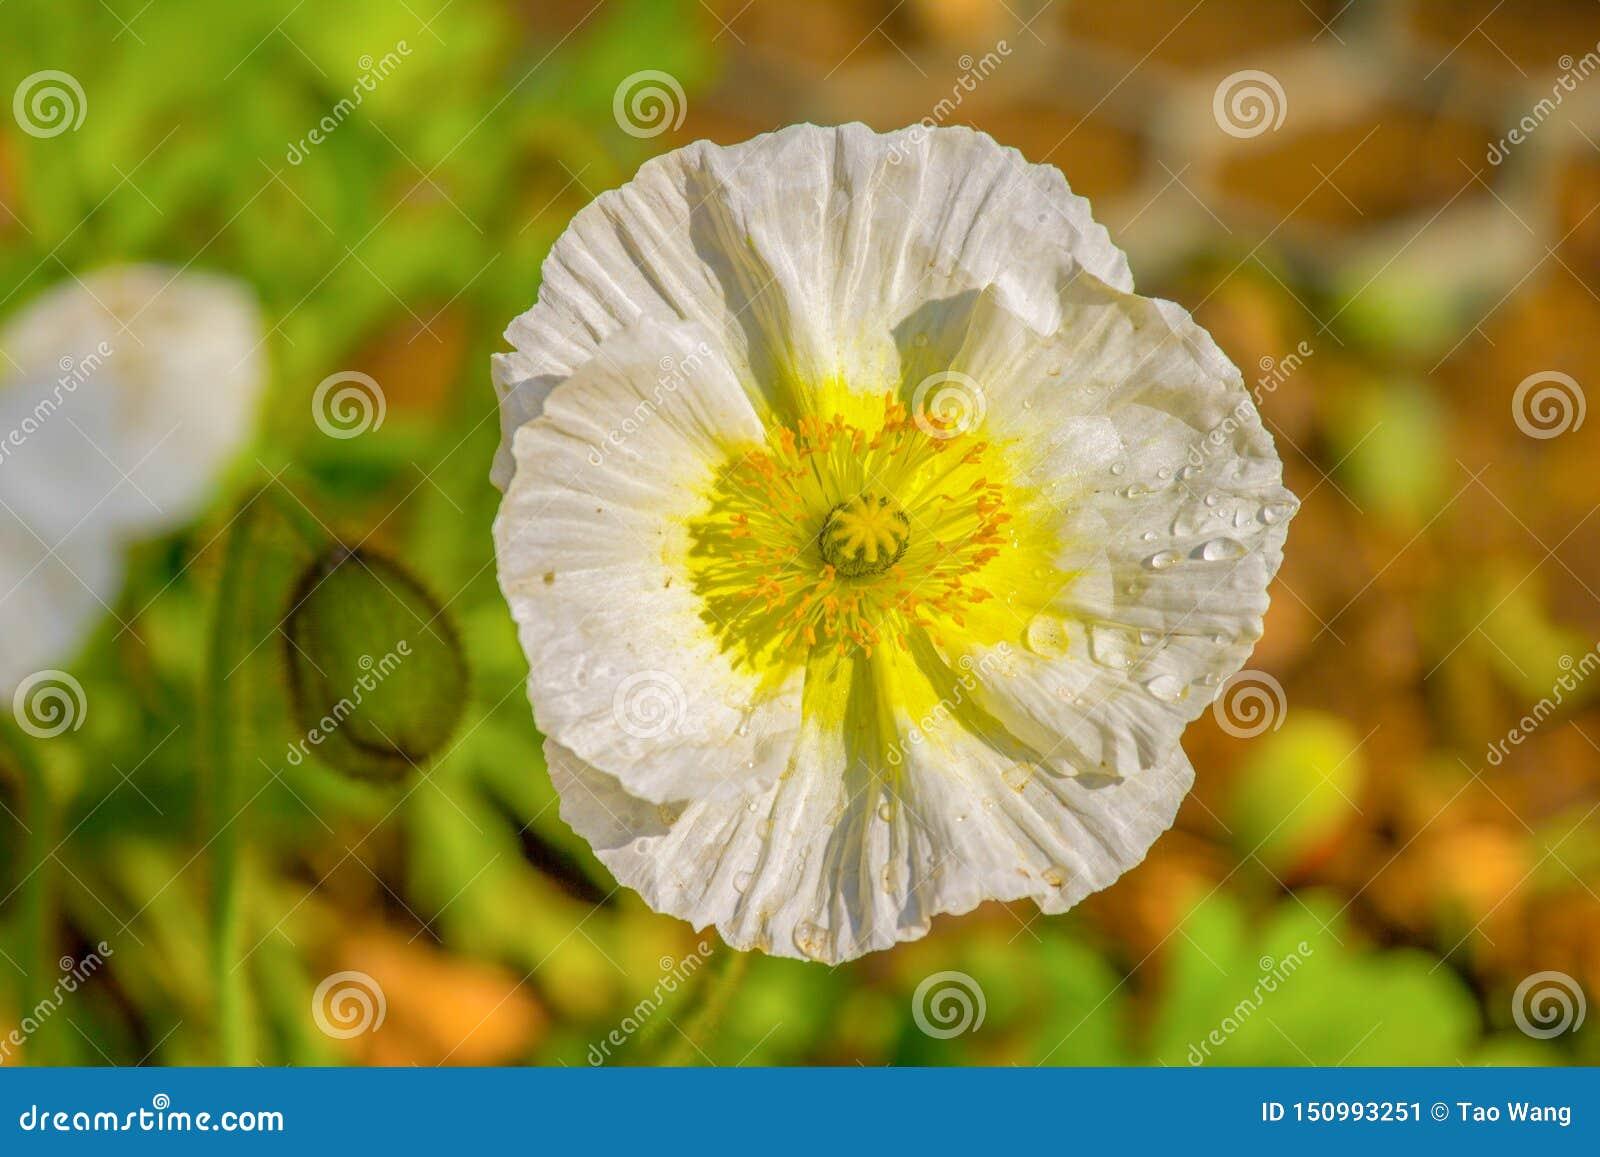 Blomma natur, vit, växt, vår, tusensköna, guling, gräsplan, blommor, sommar, trädgård, flora, blomning, blom, closeup, makro, skö